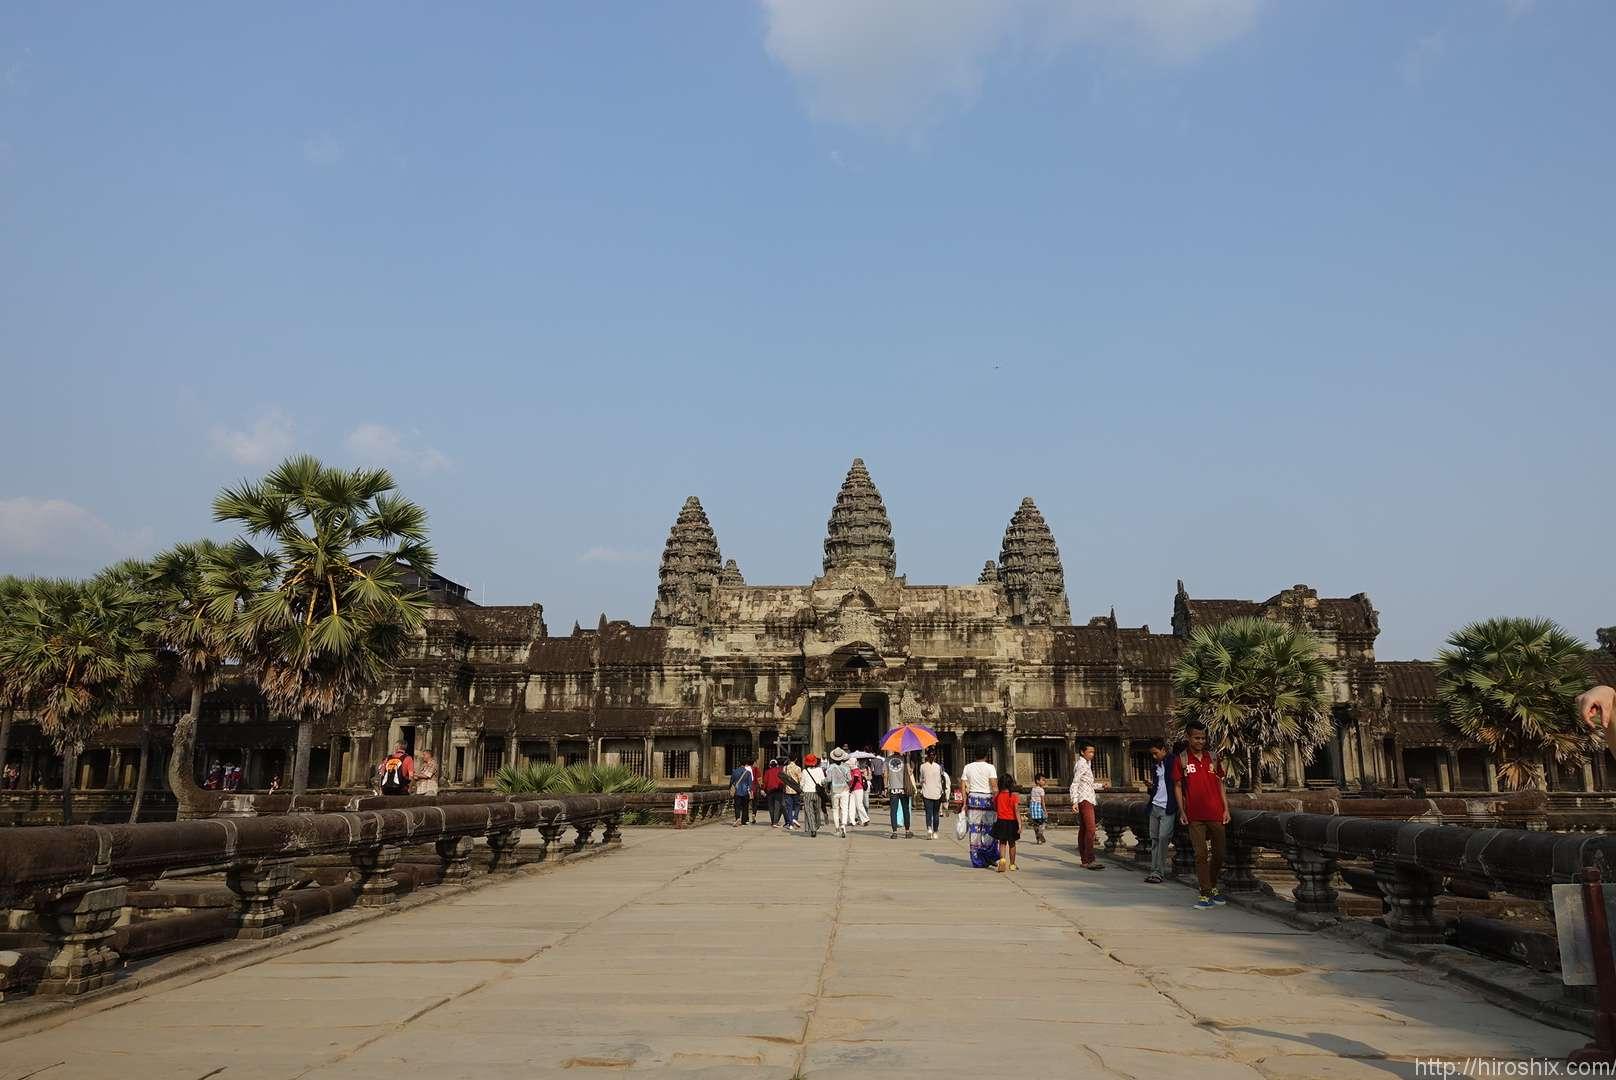 アンコールワット・アンコールトム・タプロム遺跡を観光ツアーで行ってきた!【カンボジア旅行2018】